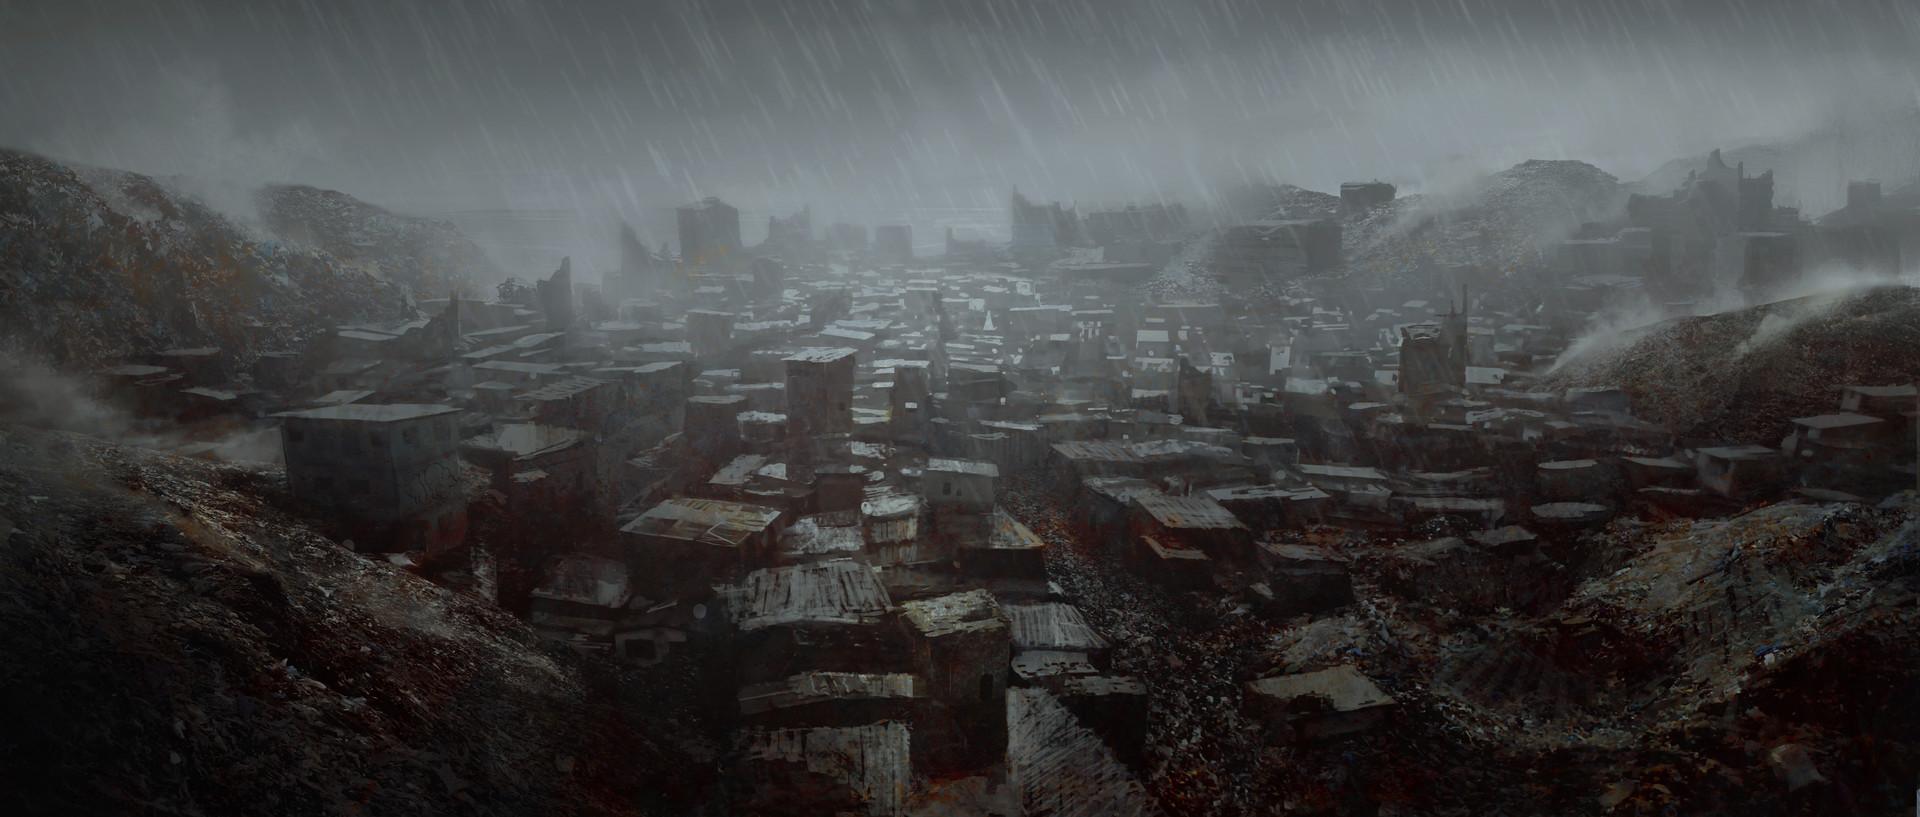 Jeremy paillotin tri 20160701 trashmesa slums v003 jp